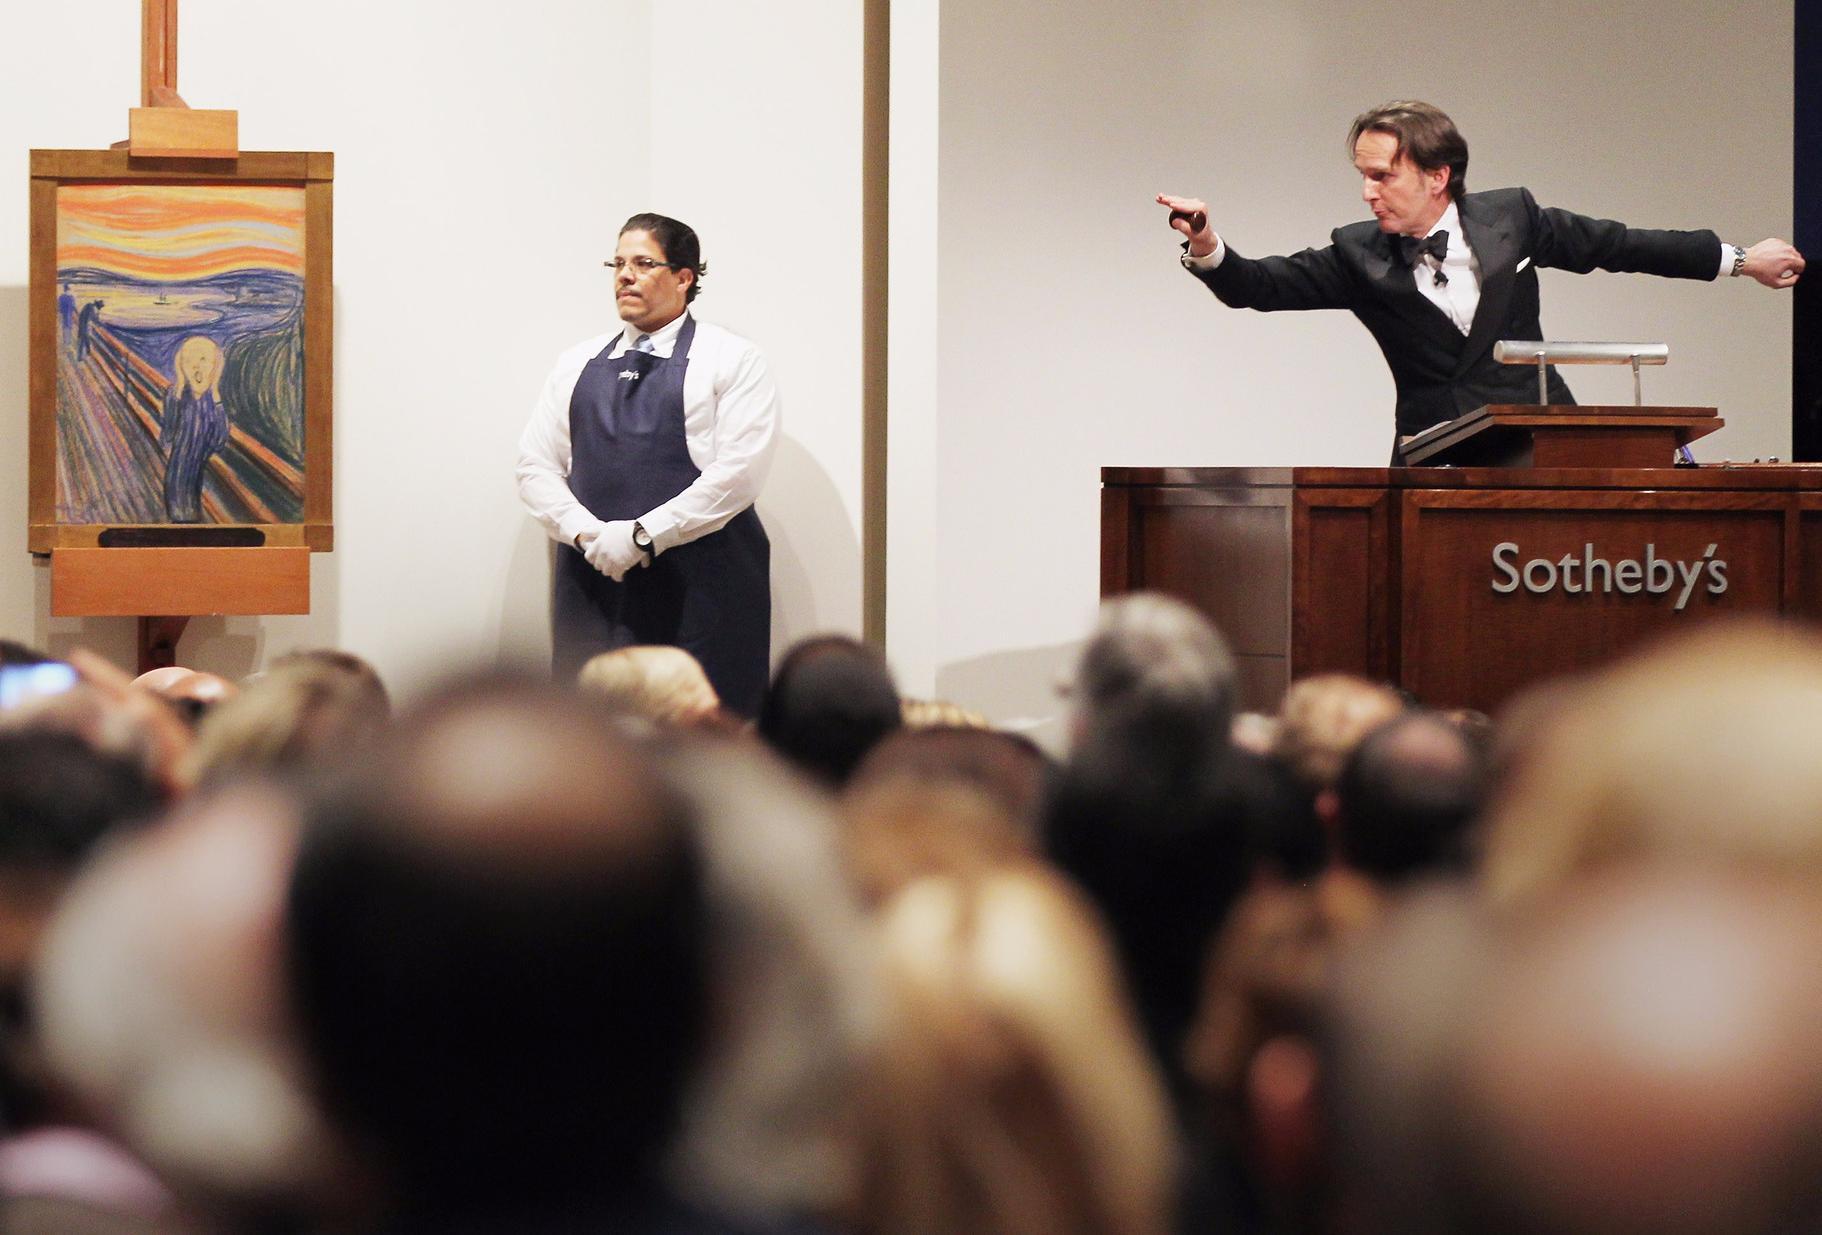 малюсенькие продать фото на аукционе был подход размещению